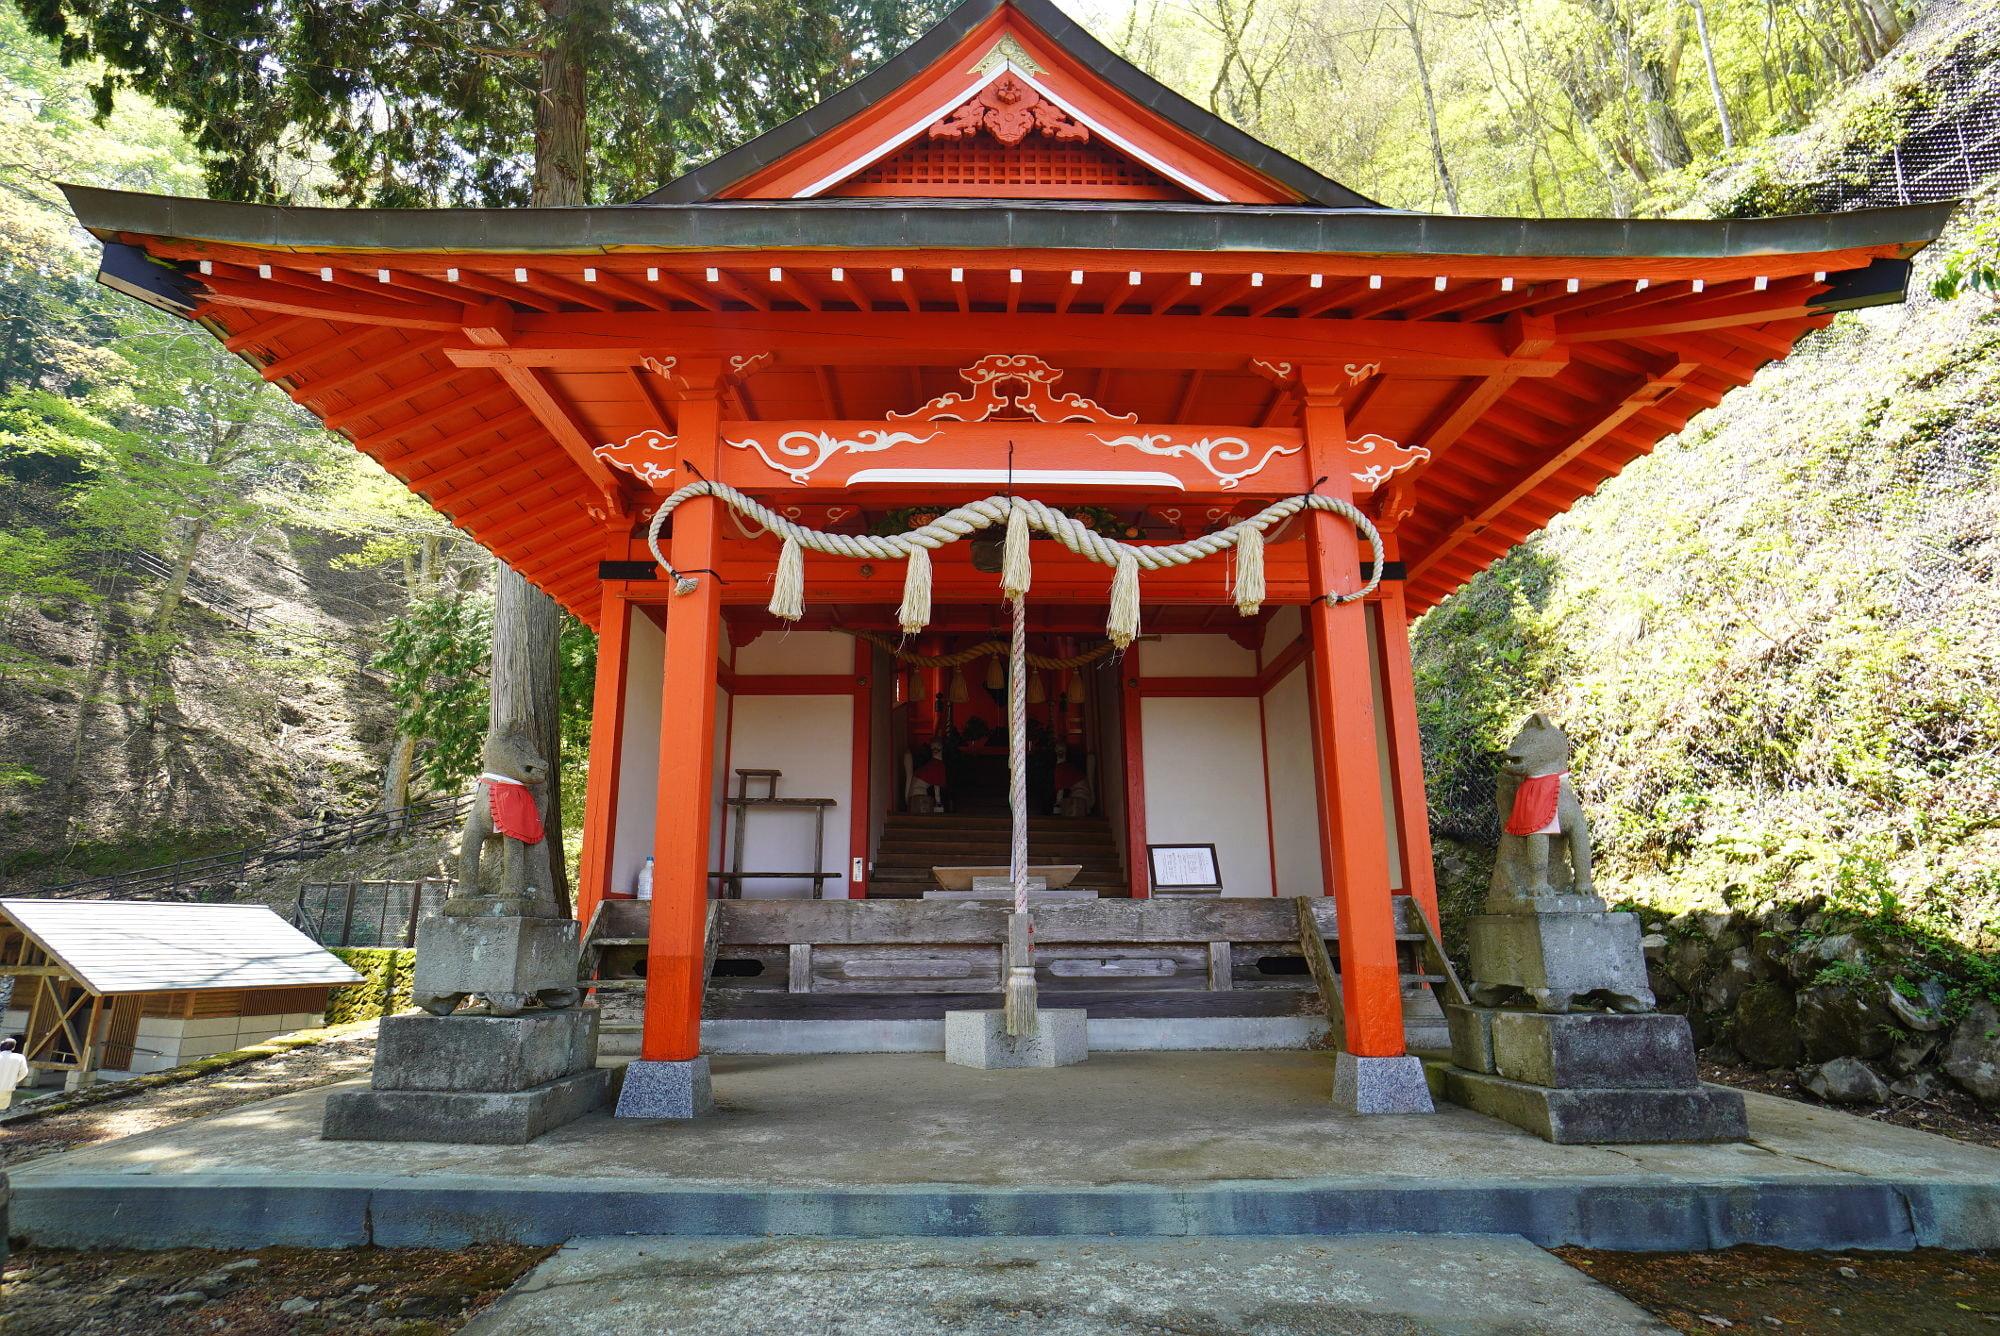 鬼嶽稲荷神社の社殿(本殿)